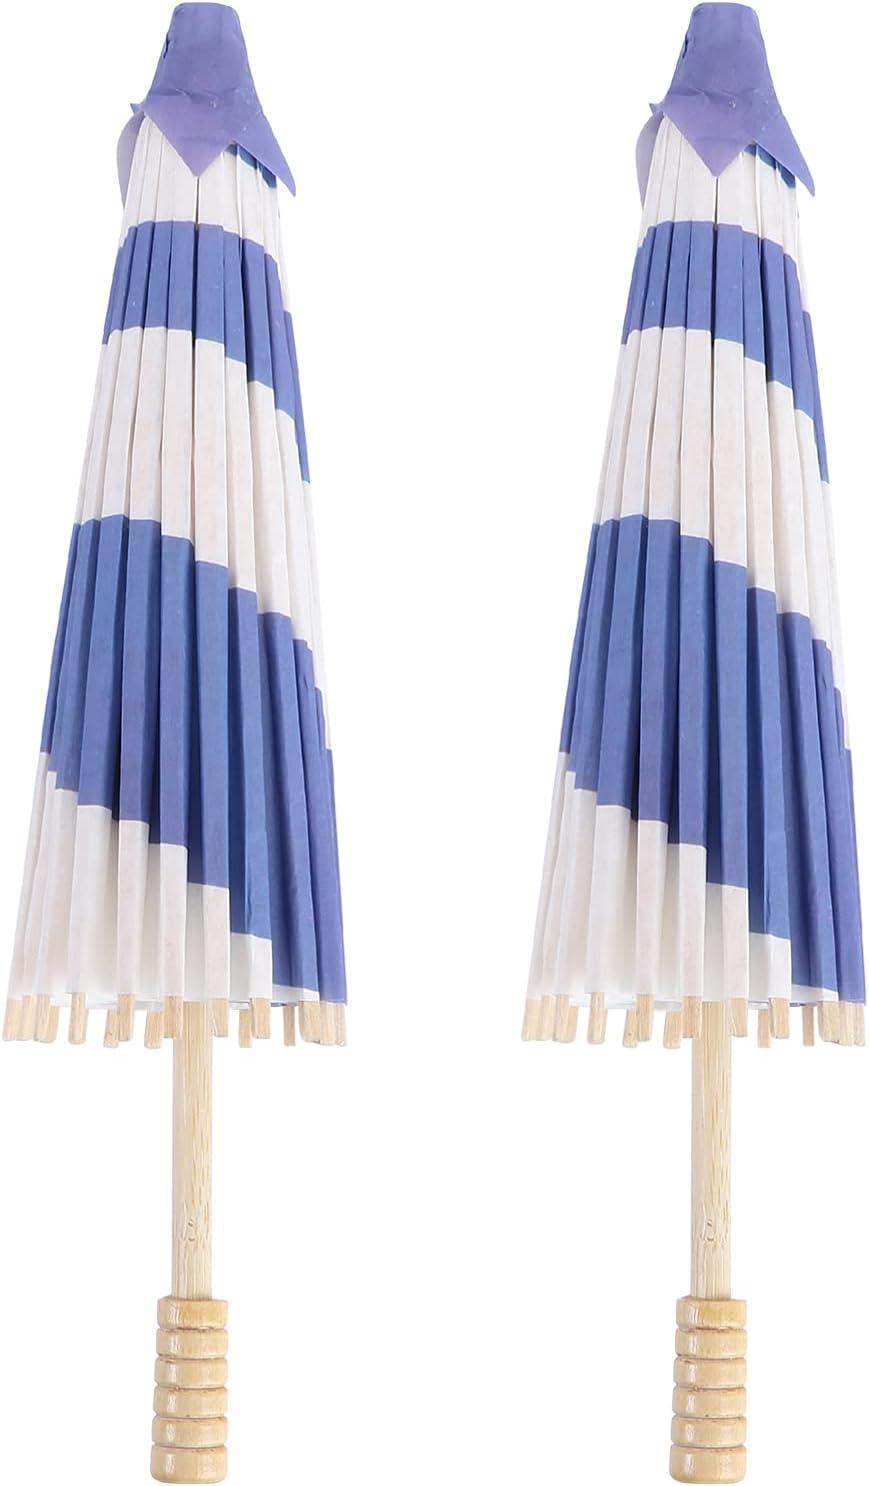 GARNECK 2pcs Party Umbrella New York Mall Decorative Decor Los Angeles Mall Phot Props